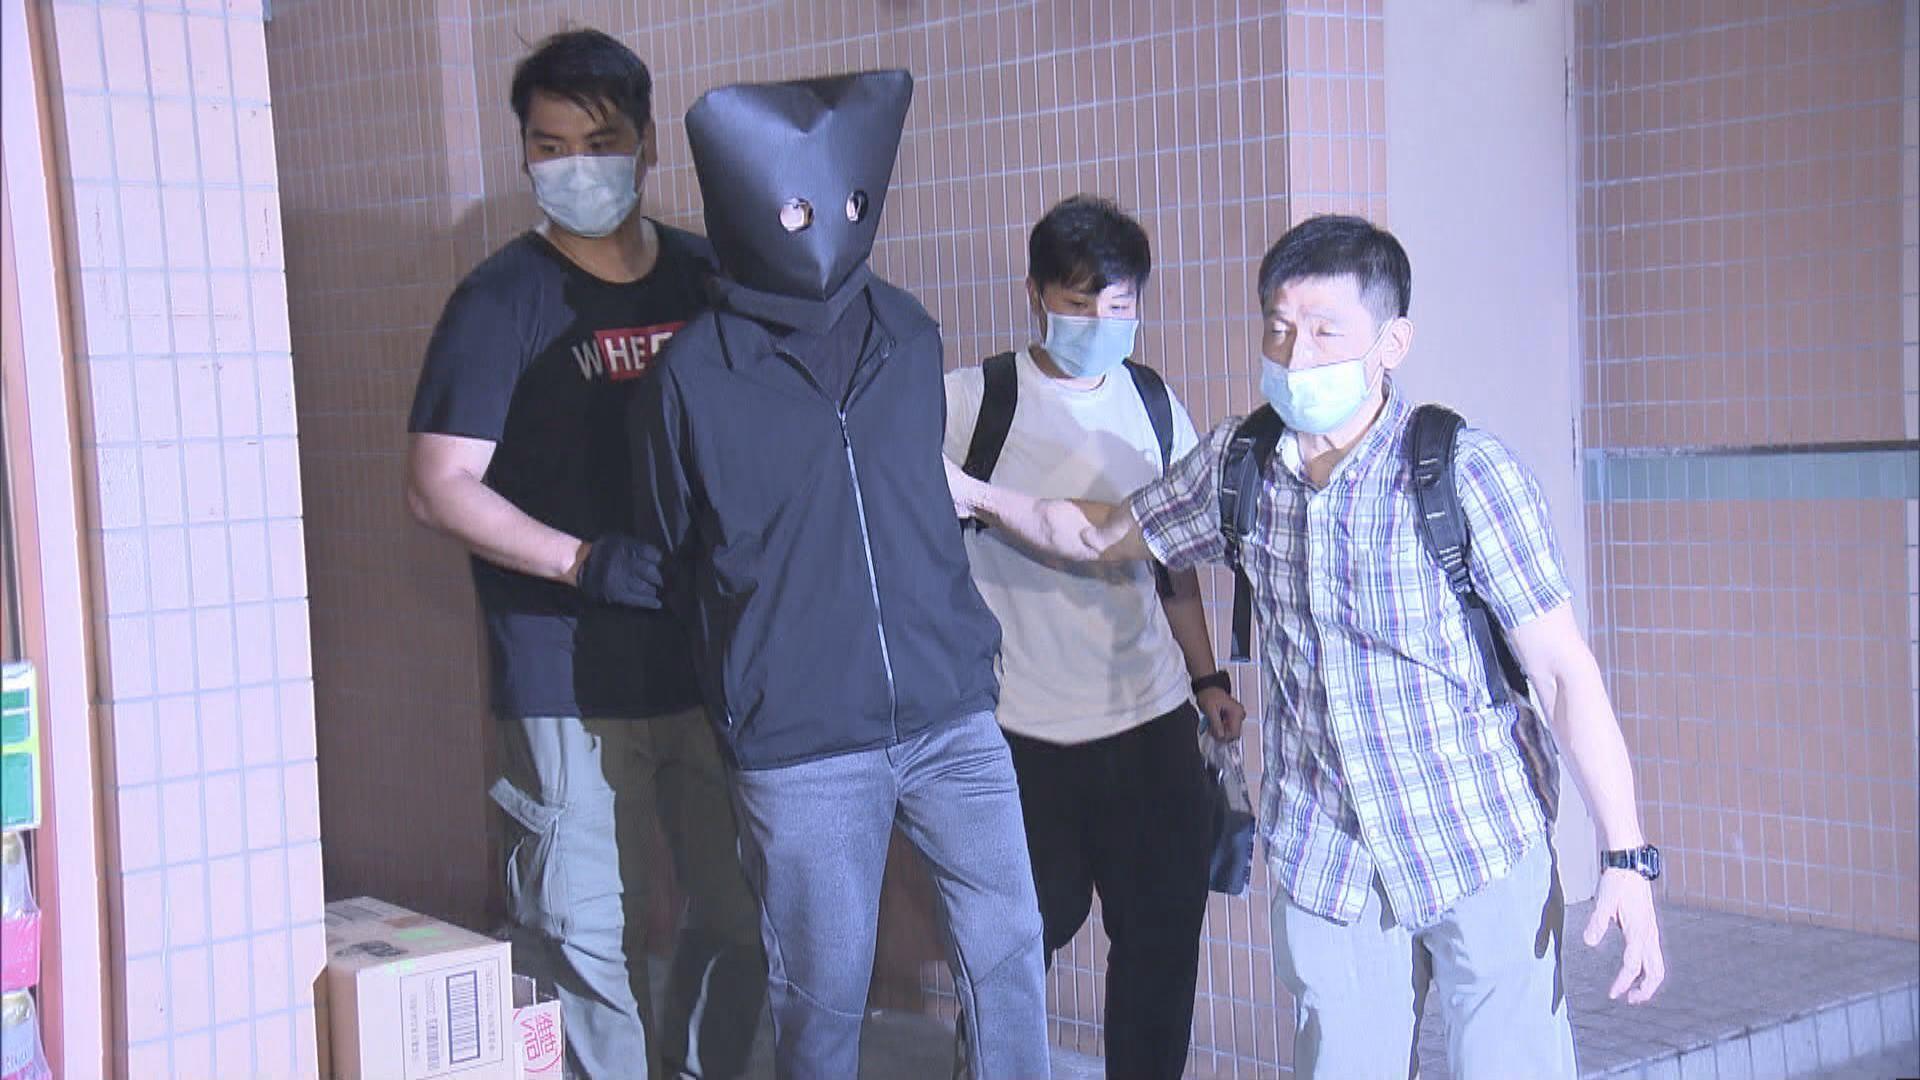 警方再拘捕多七人 涉嫌與大角咀拳館謀殺案有關